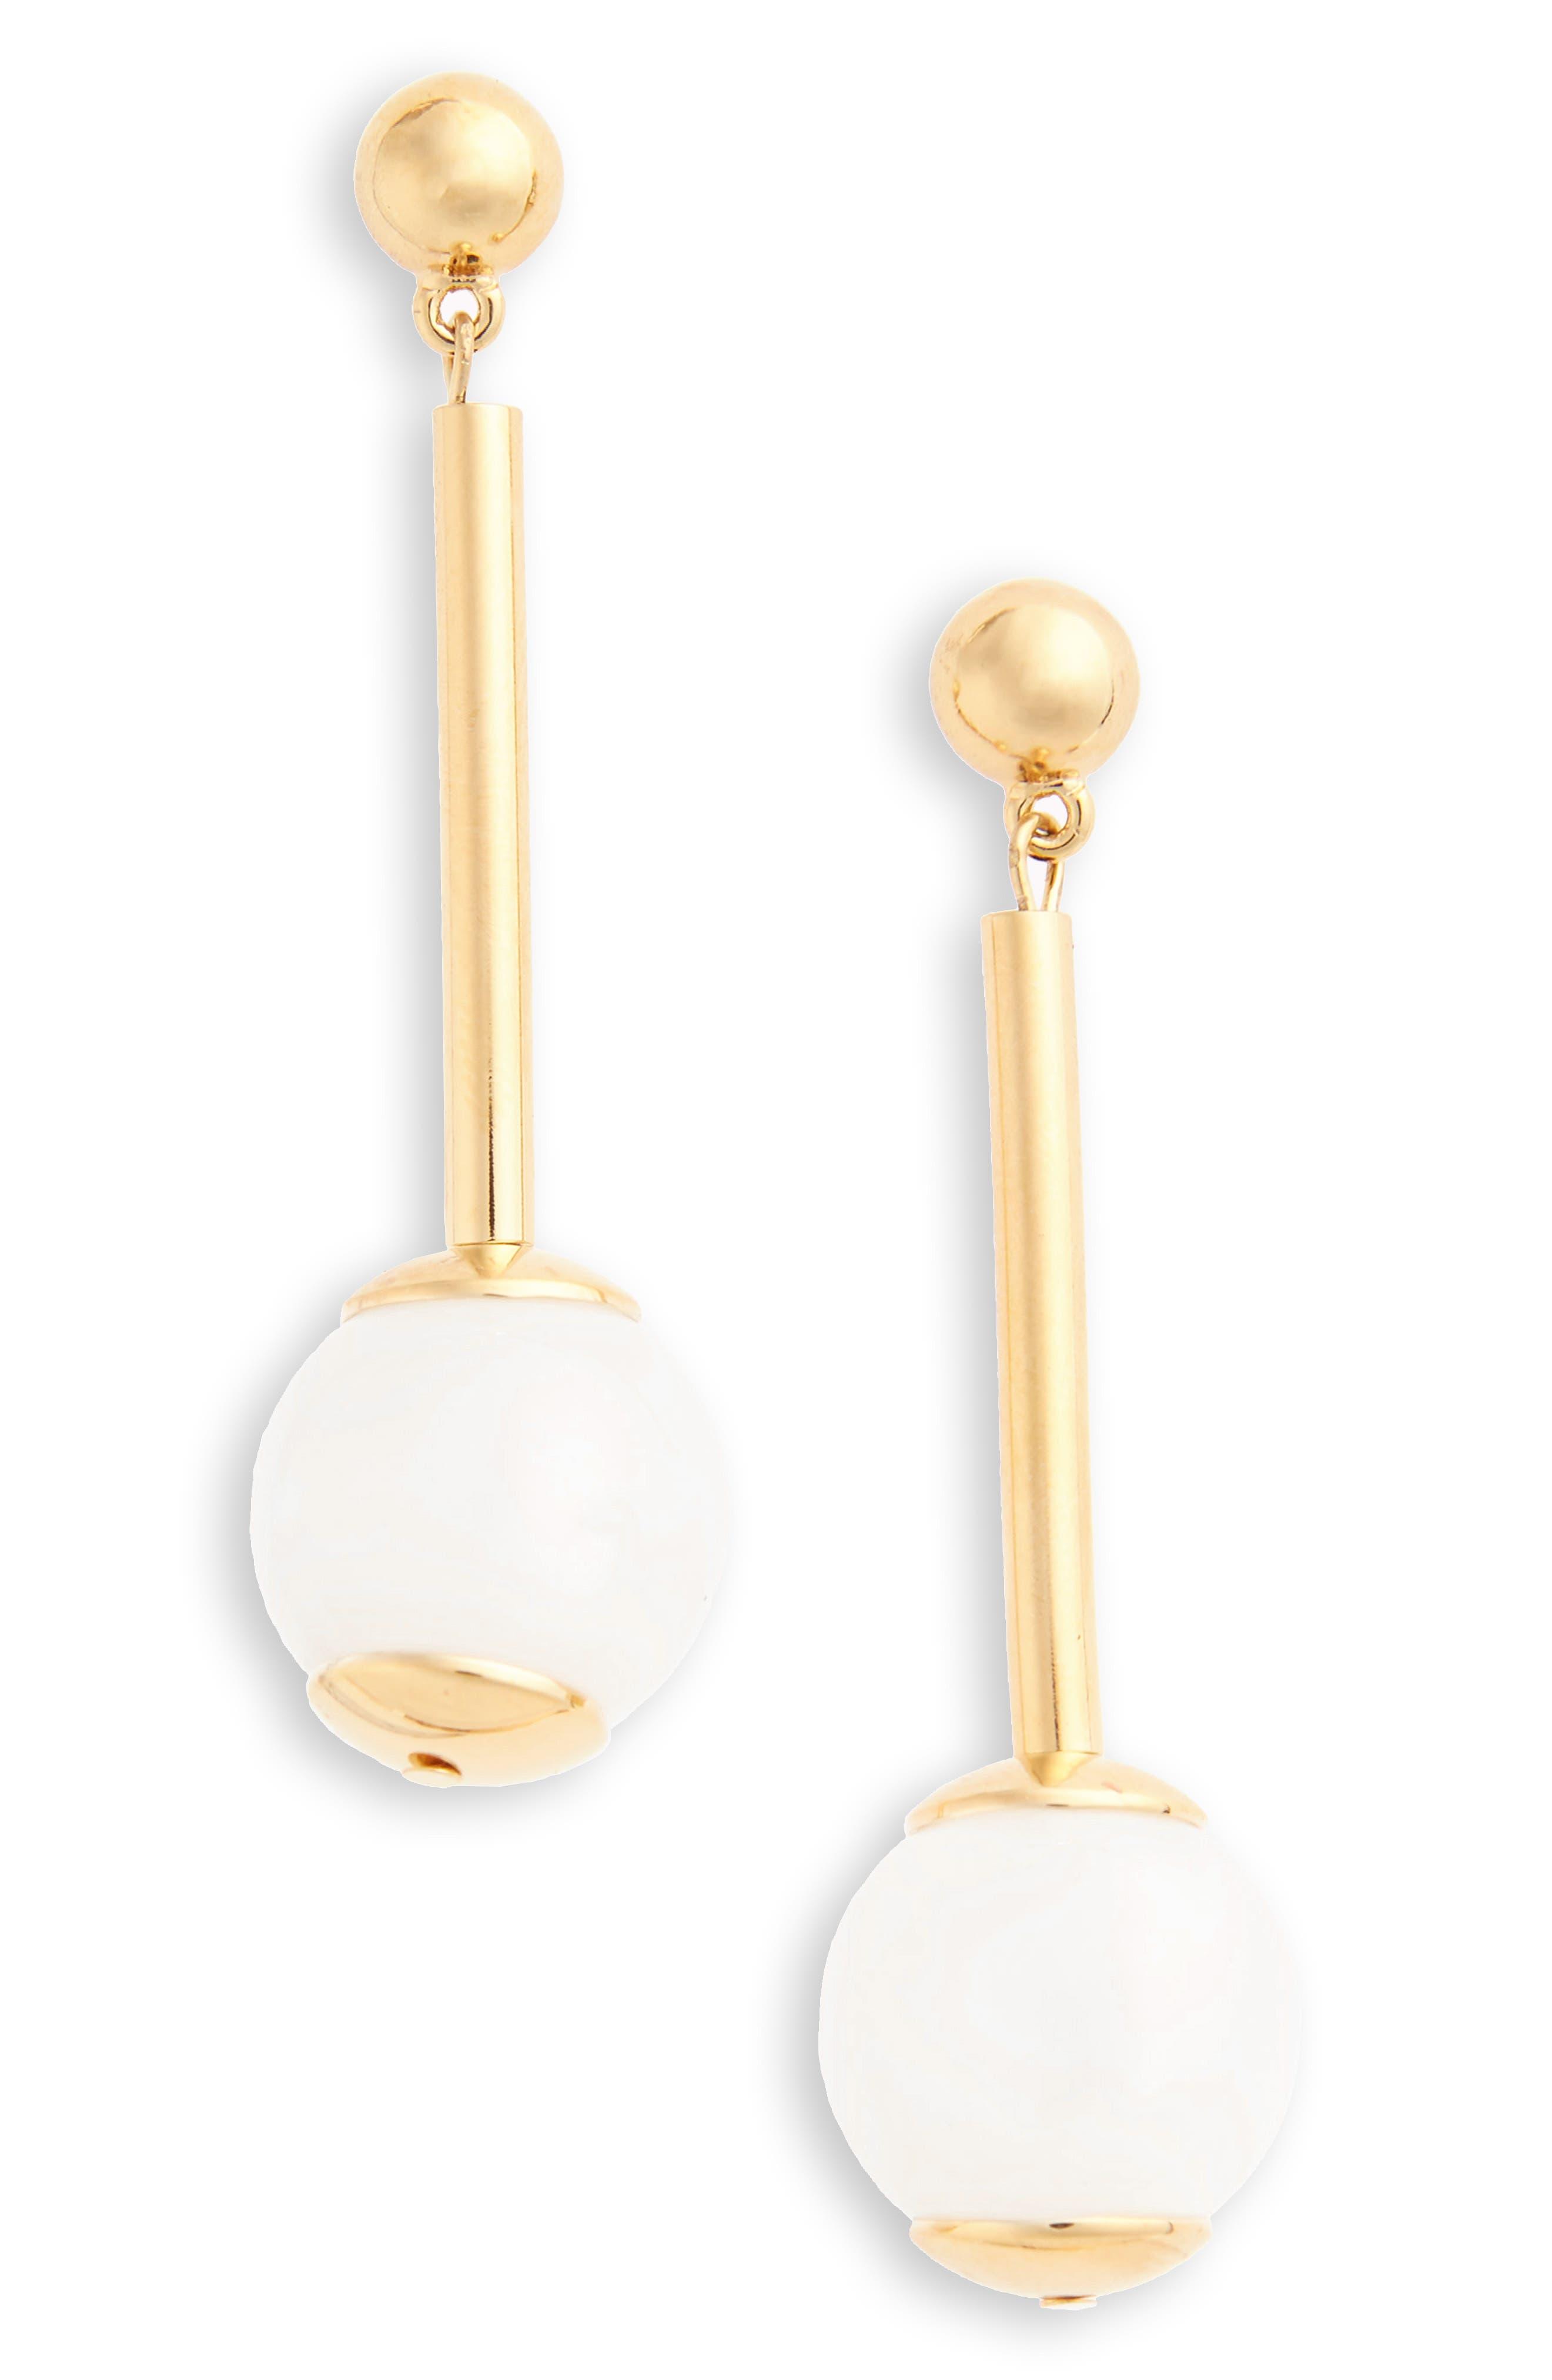 Pendulum Earrings,                             Main thumbnail 1, color,                             100